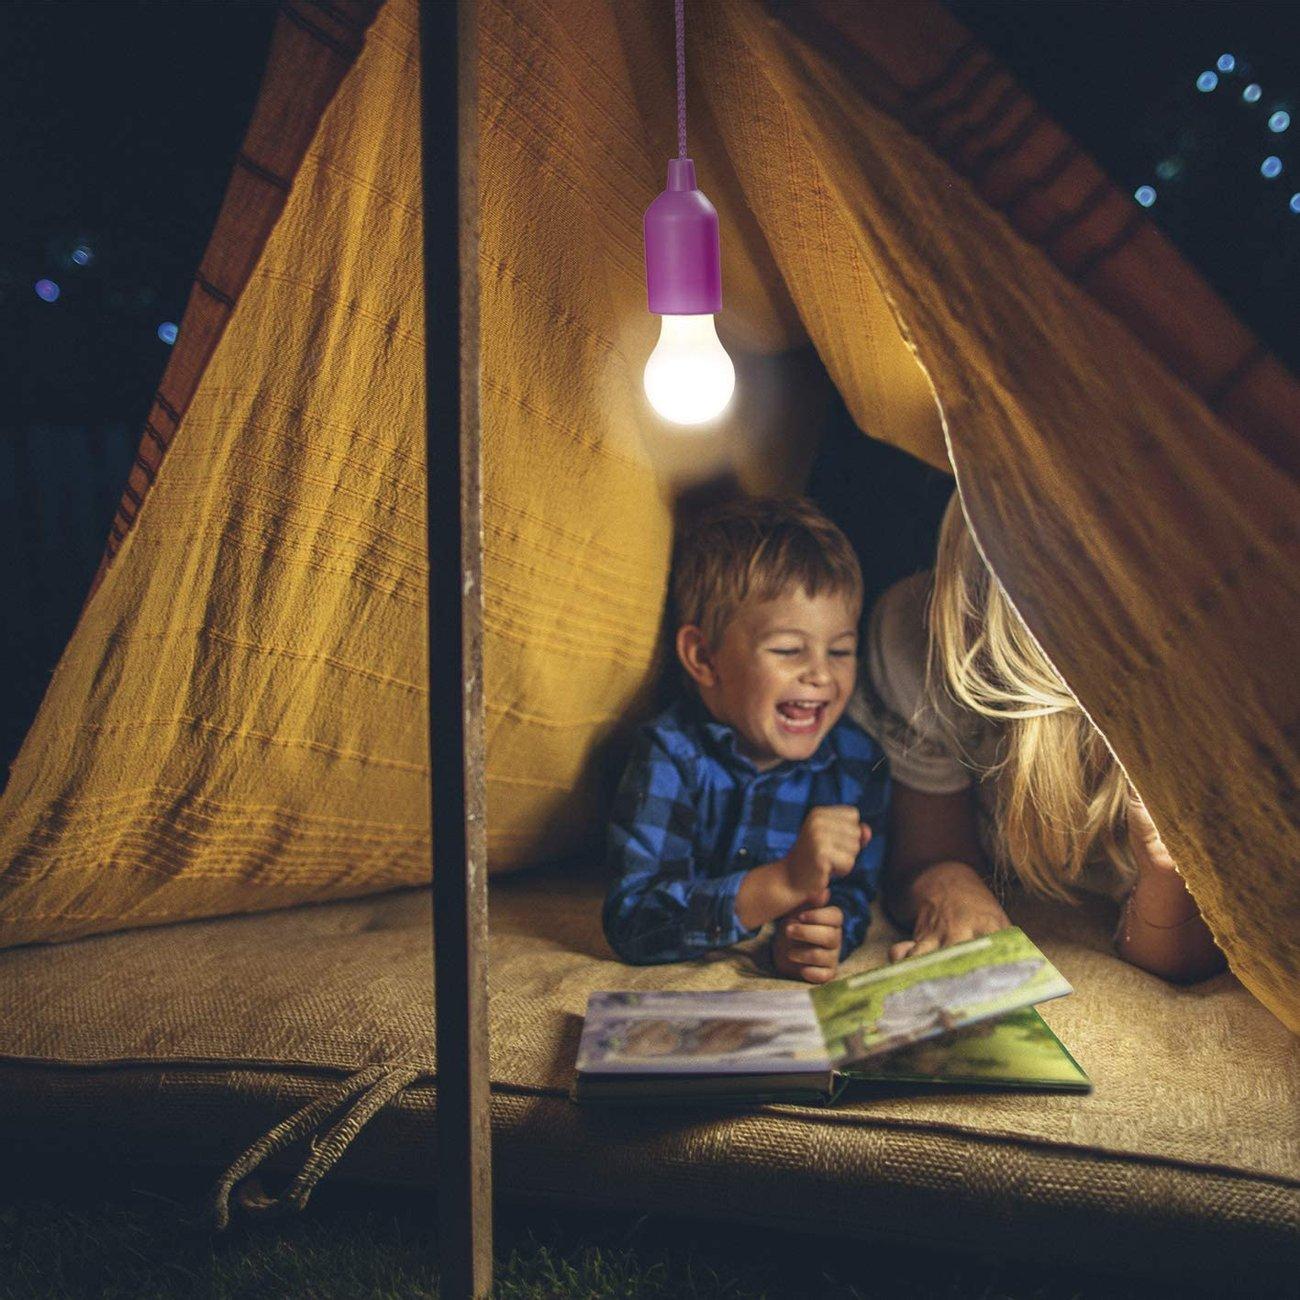 Комплект LED лампи с цветни фасонки Easymaxx LED Flexibel 0.5 W 4 броя